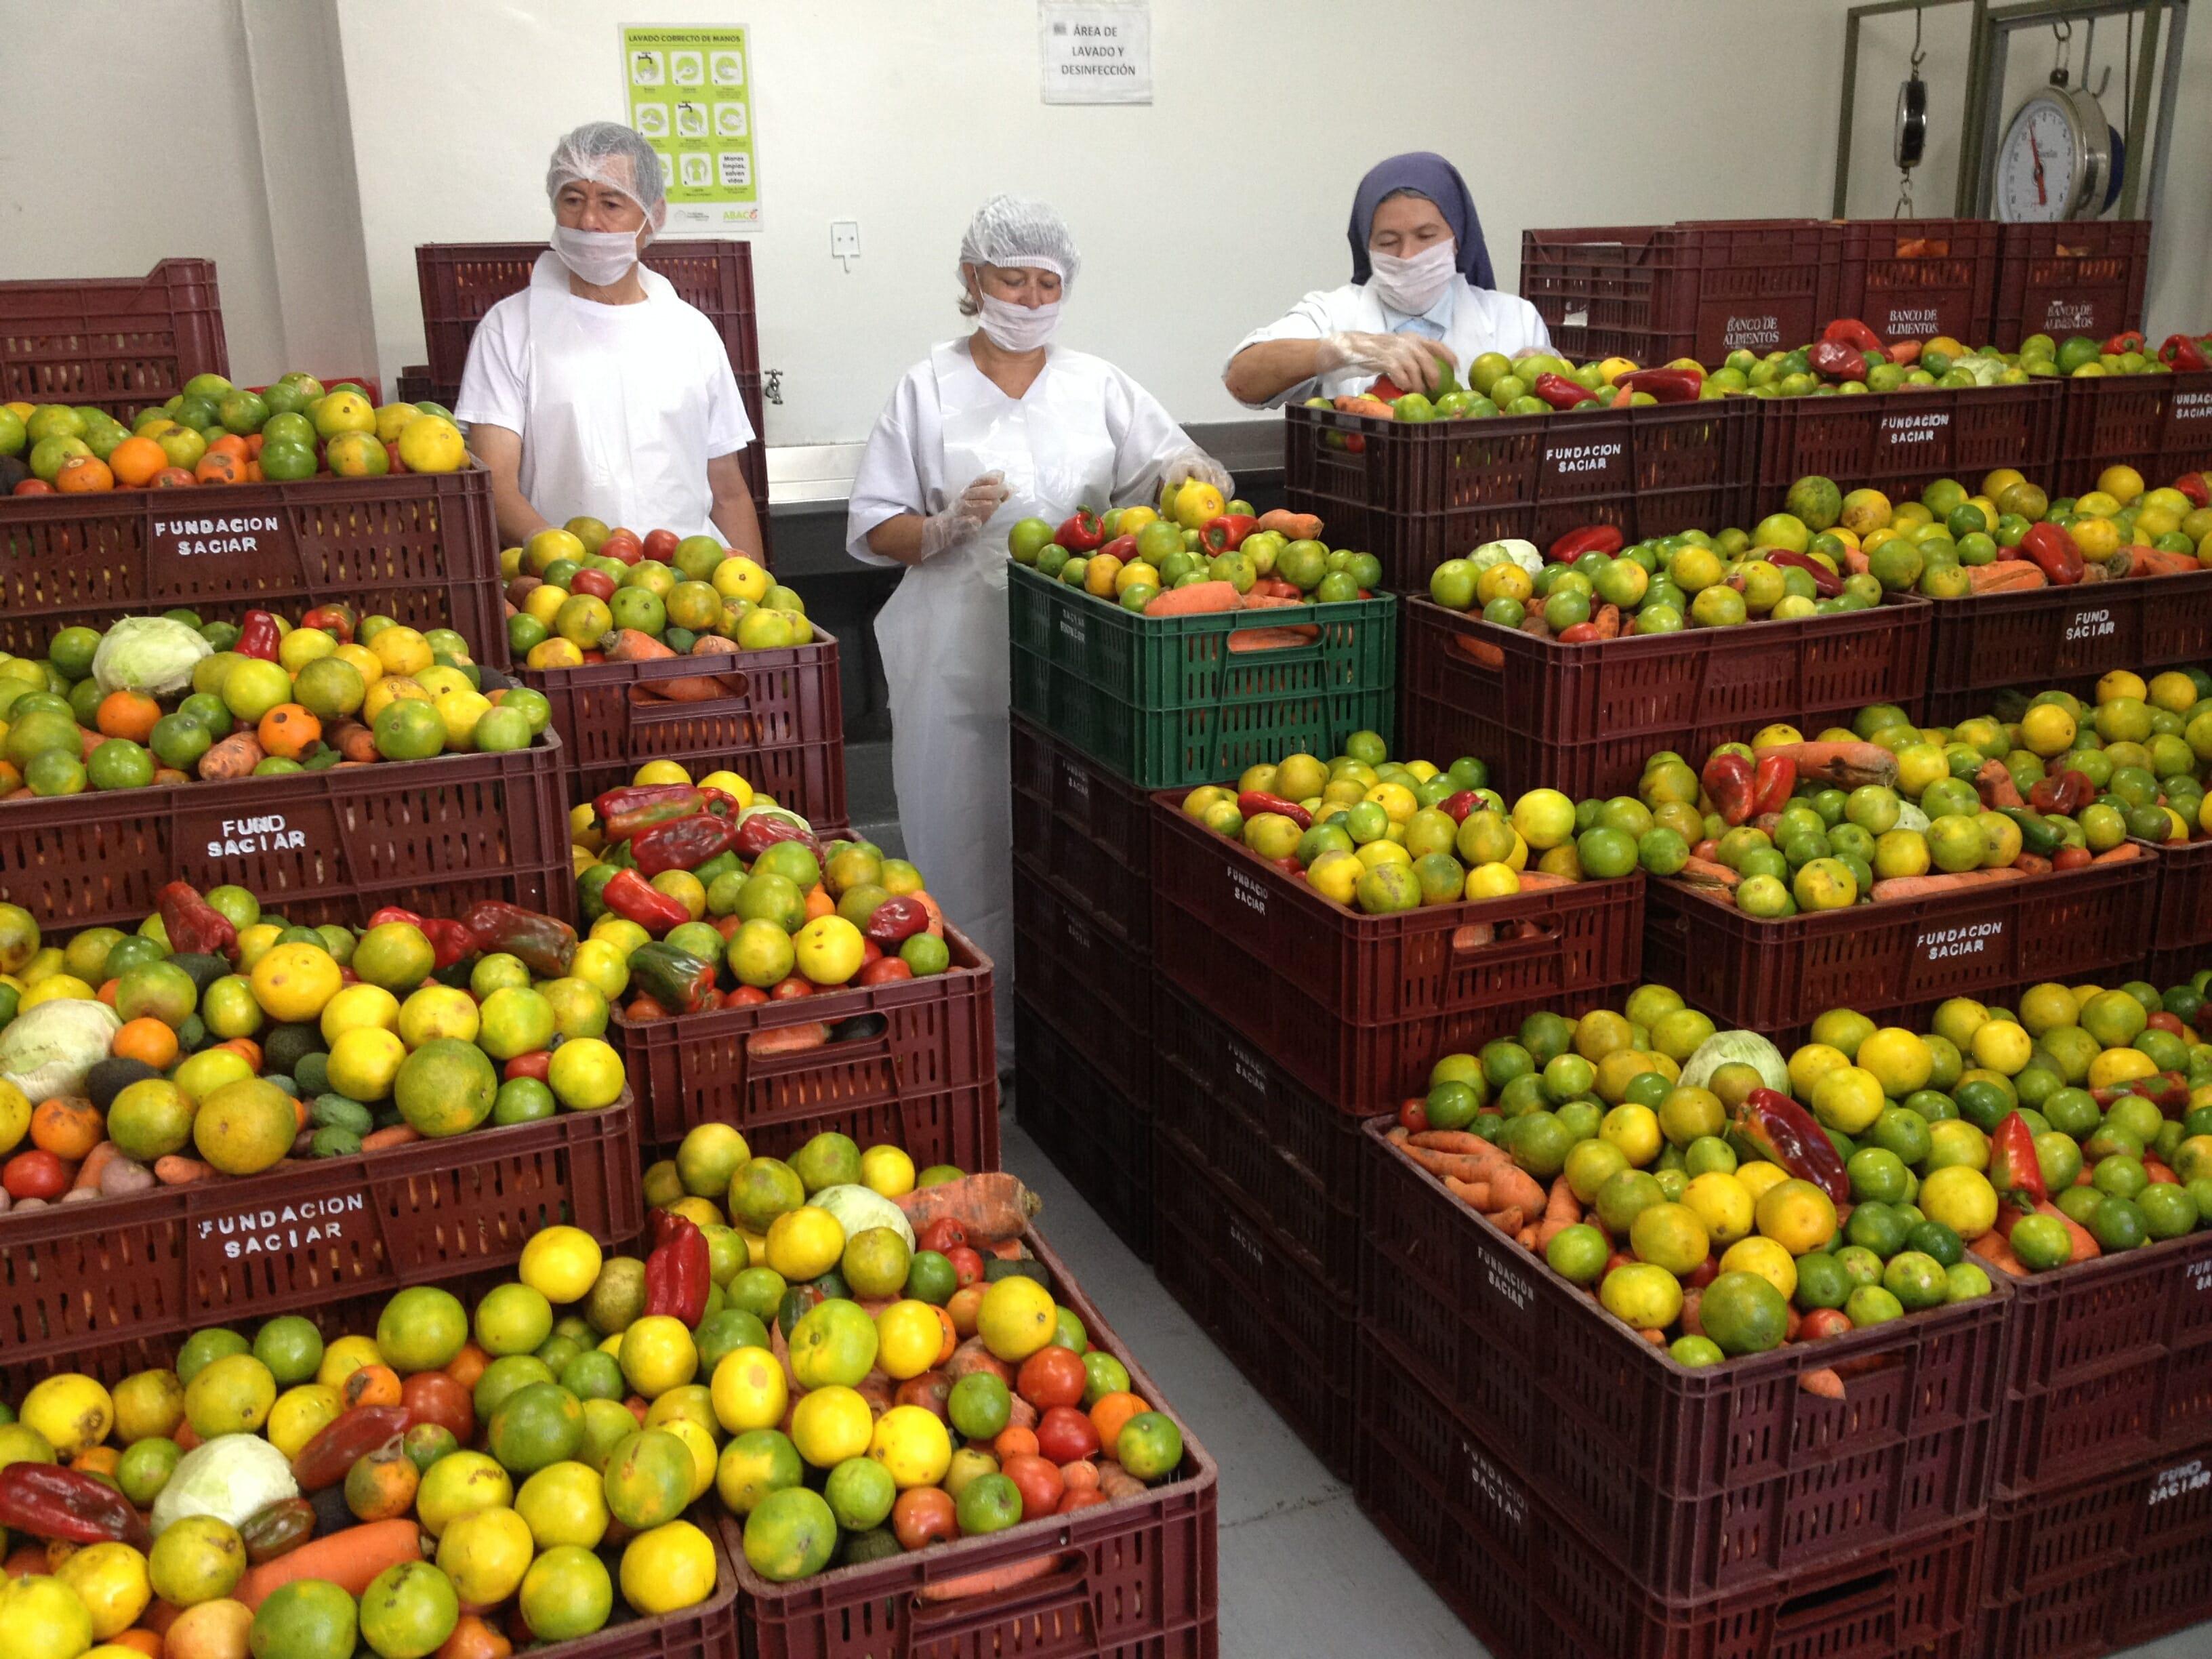 Bancos de alimentos de Colombia aumentan ayudas en 200 % durante pandemia